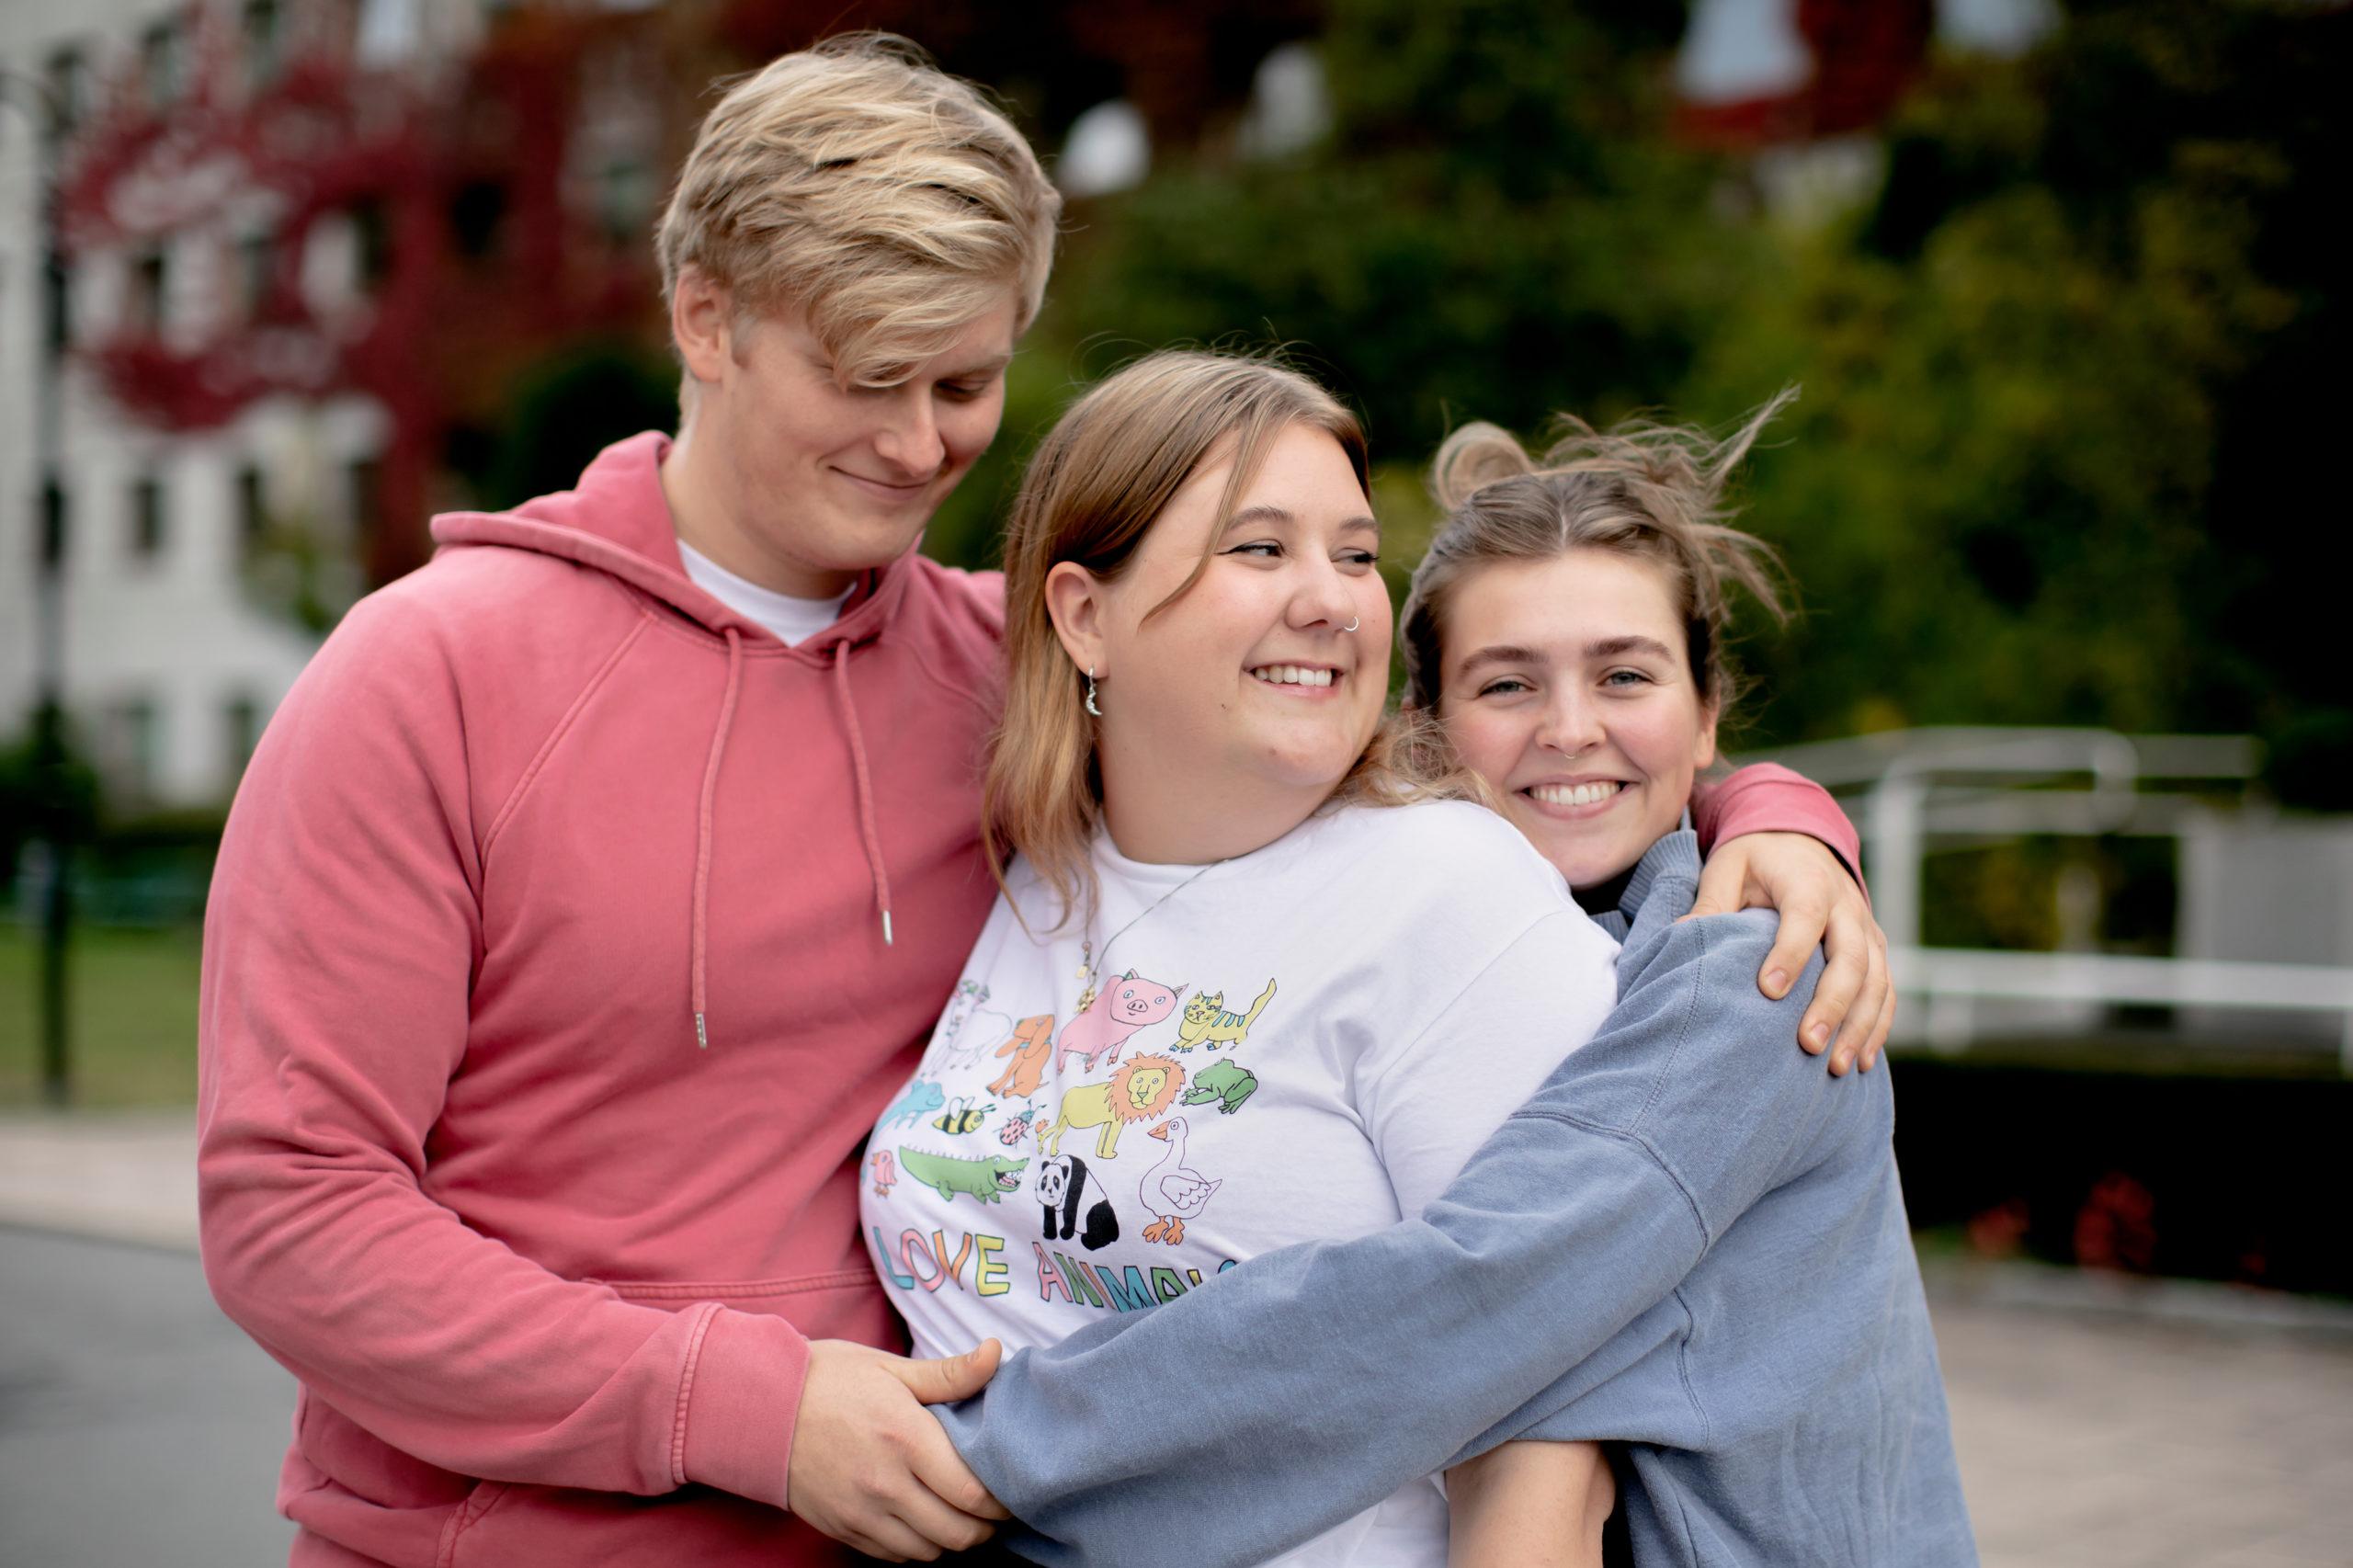 Karsten, Martha og Annika klemmer hverandre. De smiler.